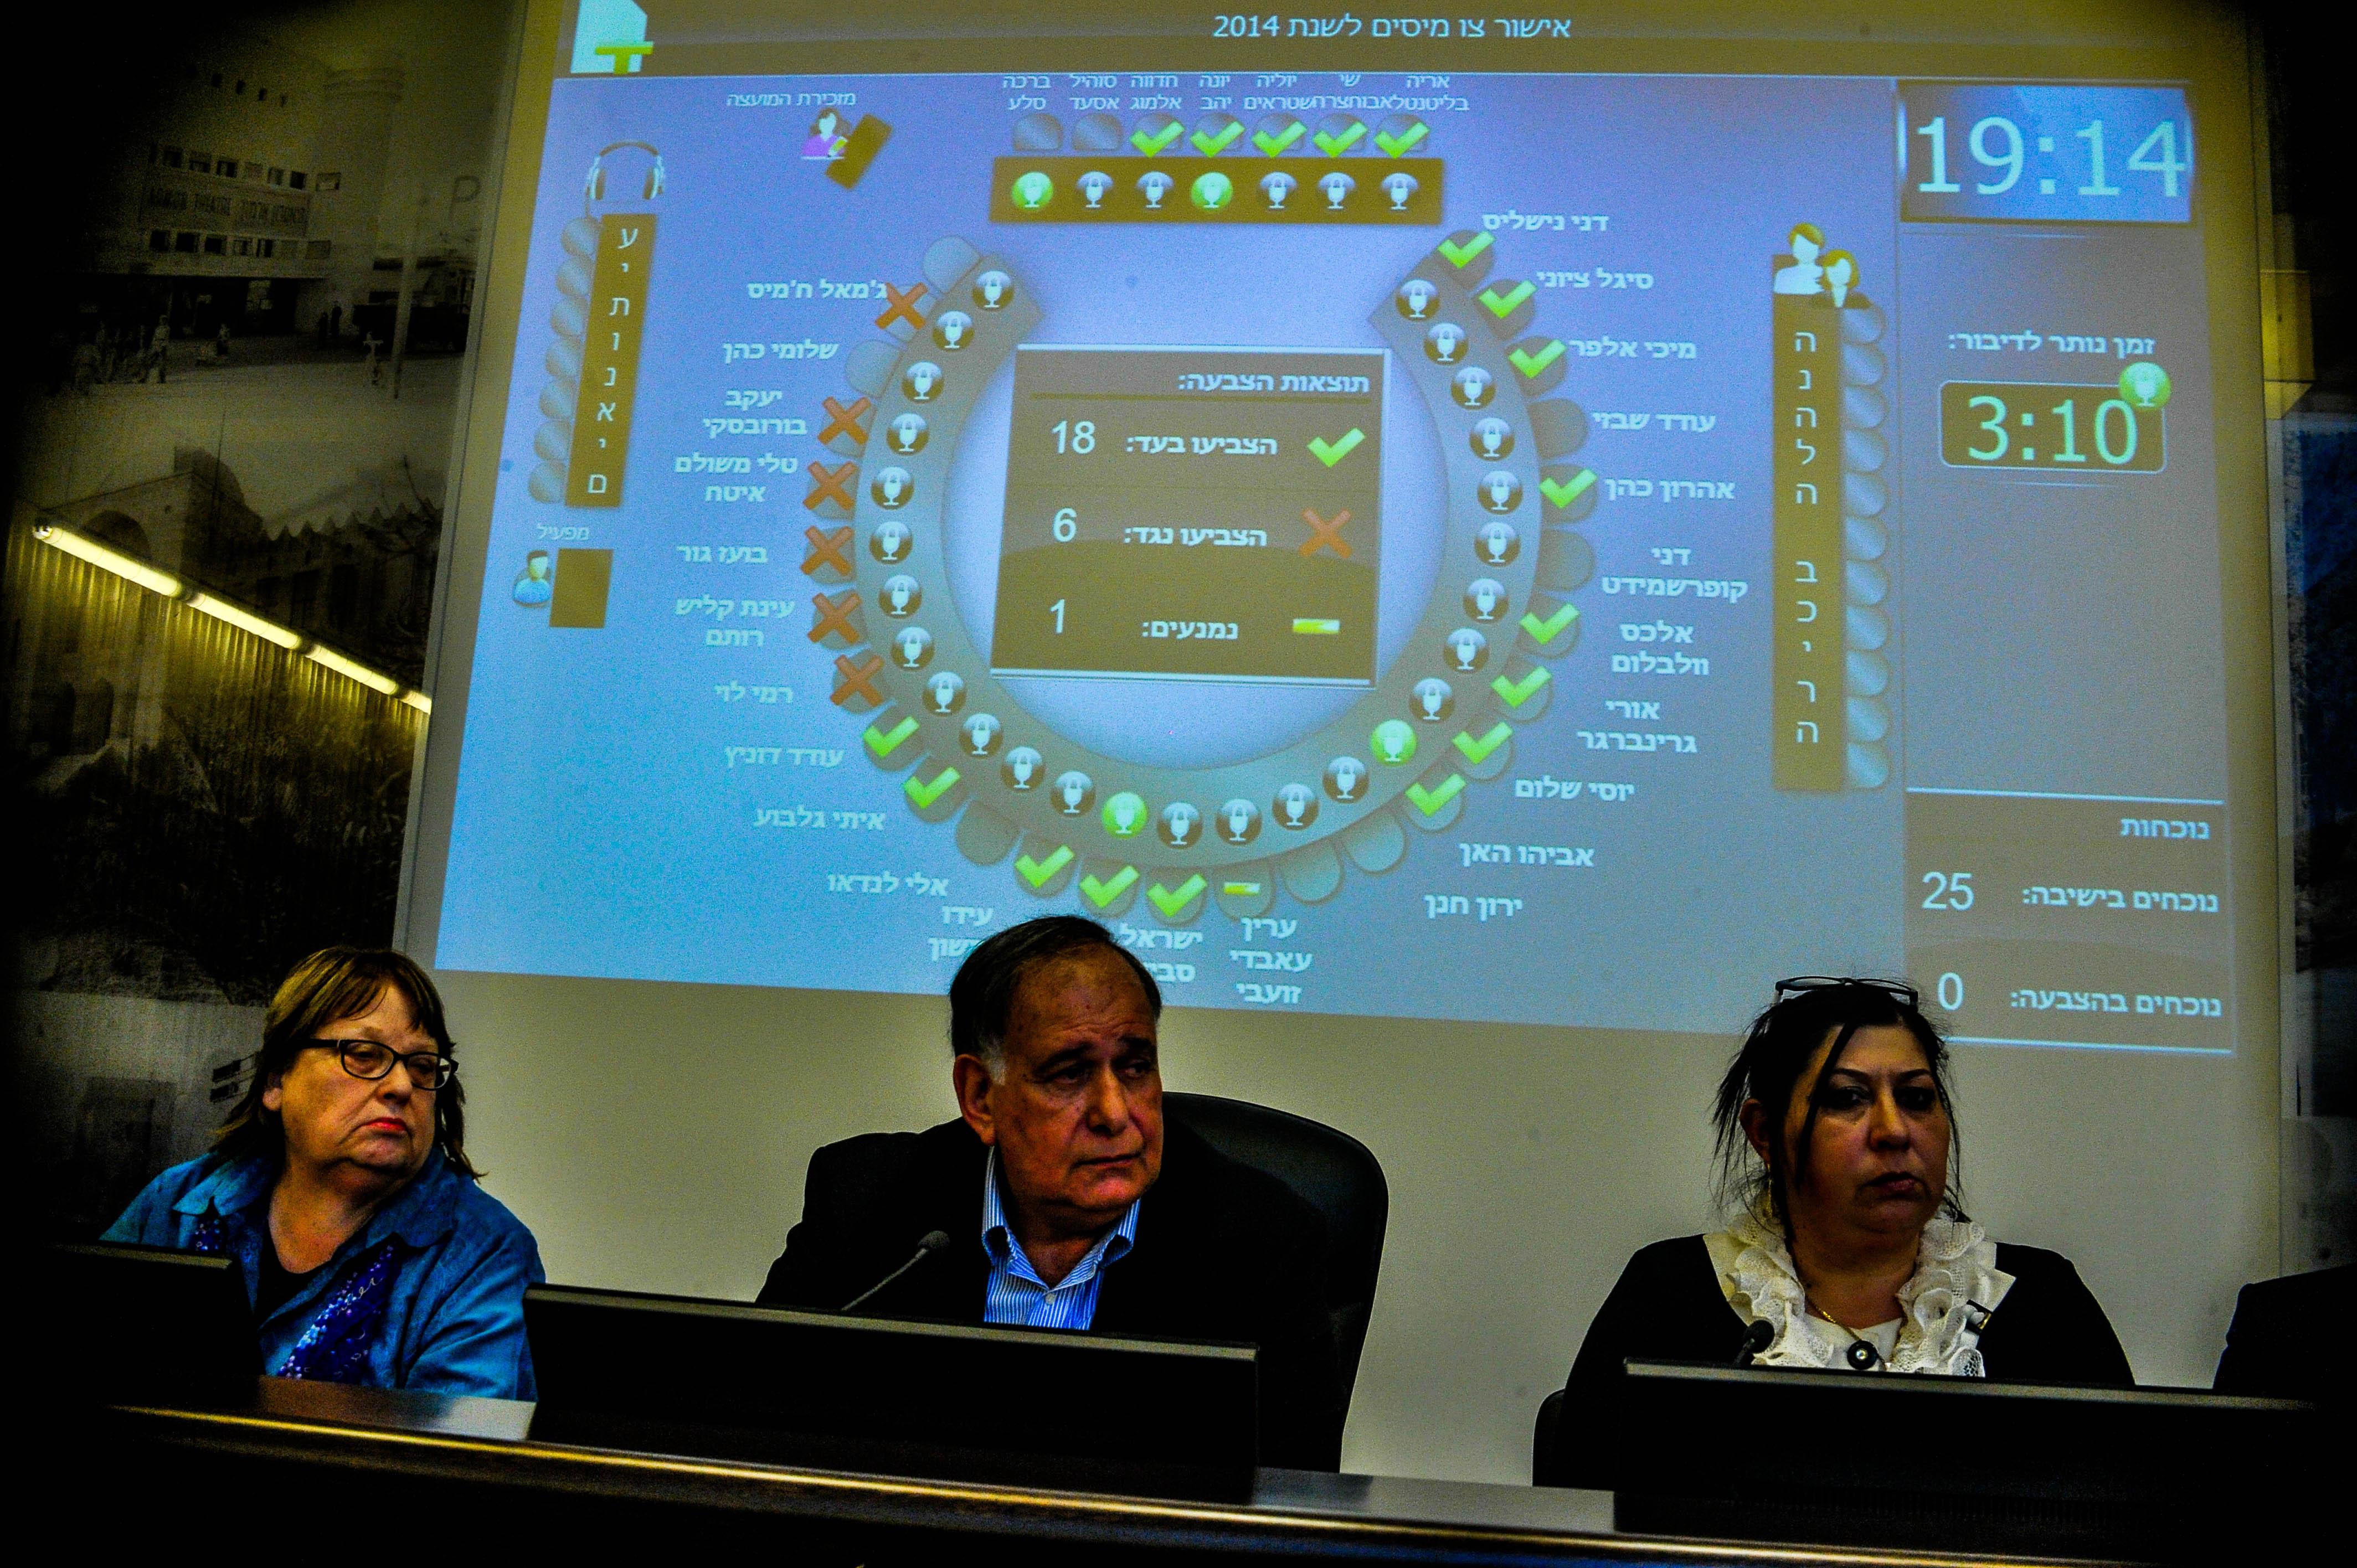 ישיבת מליאת מועצת העיר (צילום: אדיר נמרוד כץ)